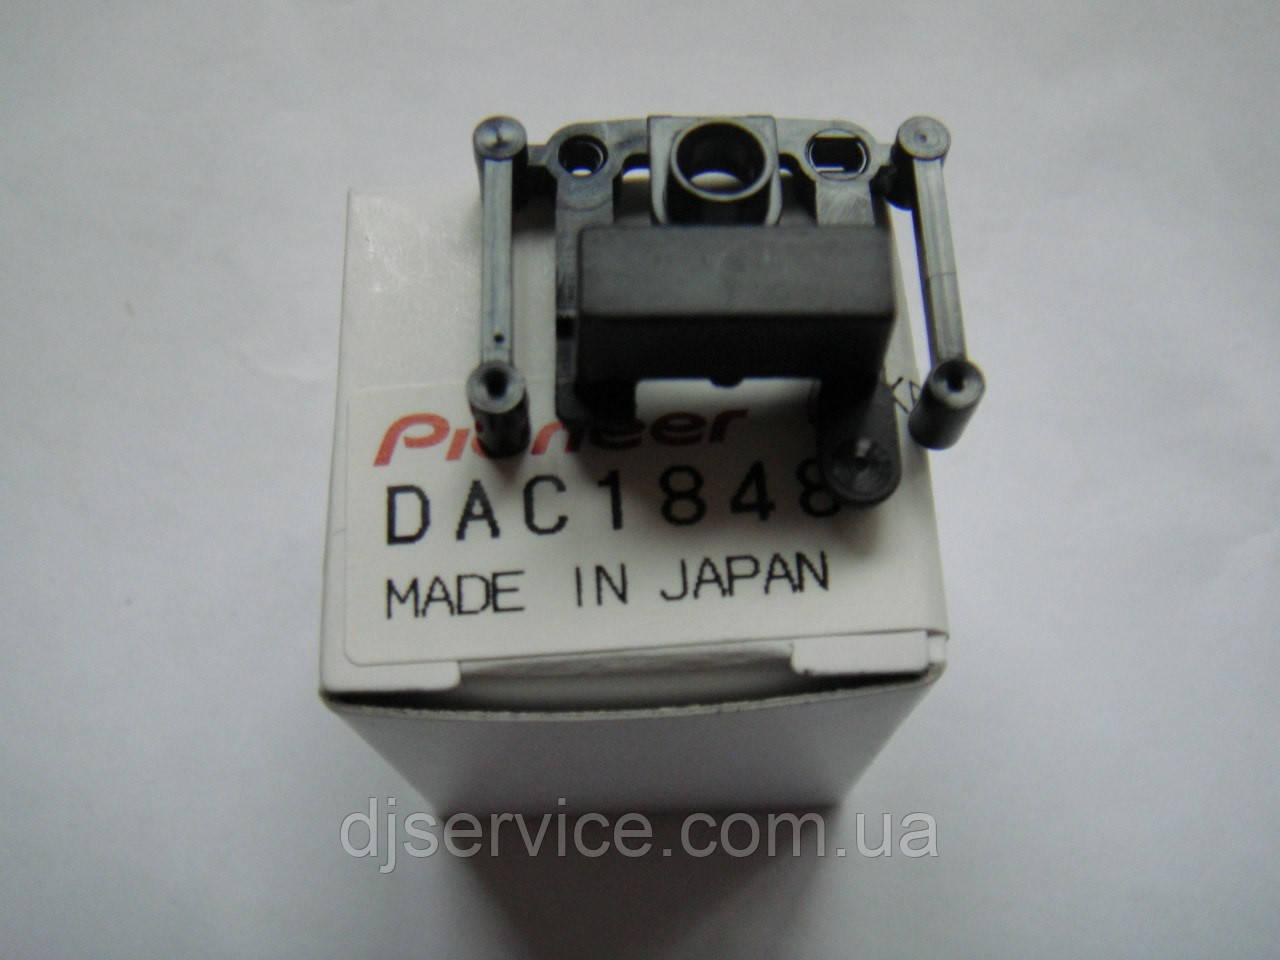 Толкатель кнопки включения прослушки канала в наушники DAC1950 DAC1848 для пульта Pioneer djm600